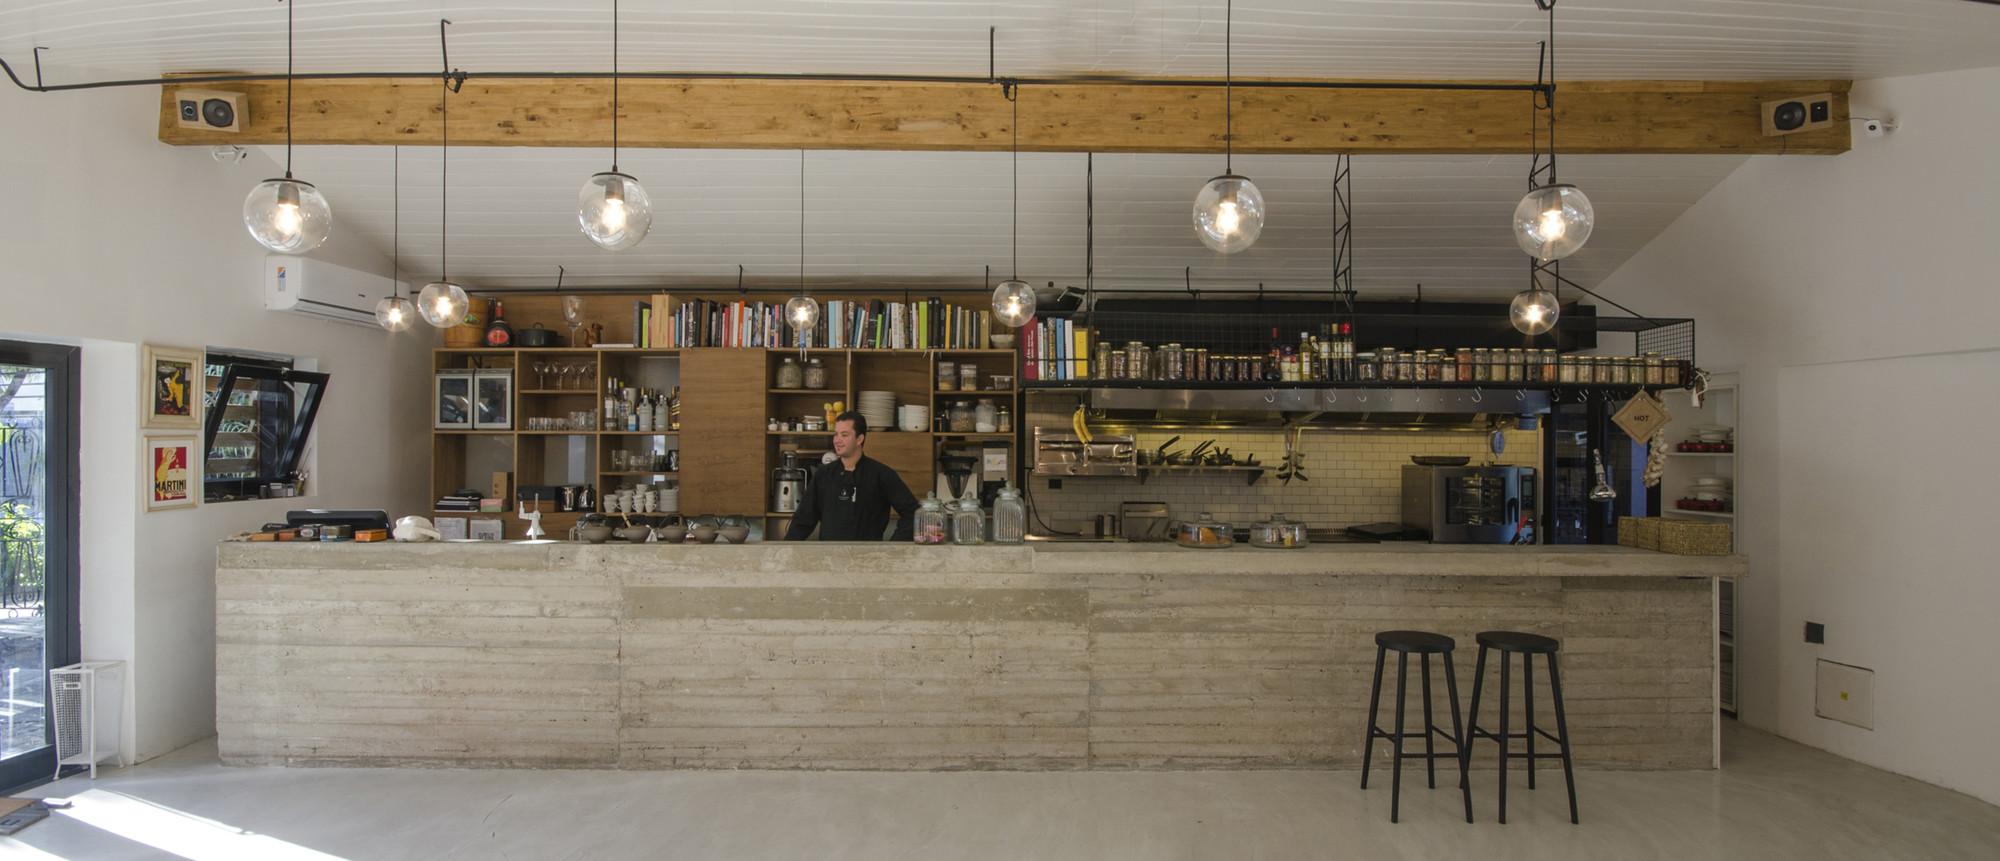 Galer A De Alo S Restaurante Atot Arquitectos Todo